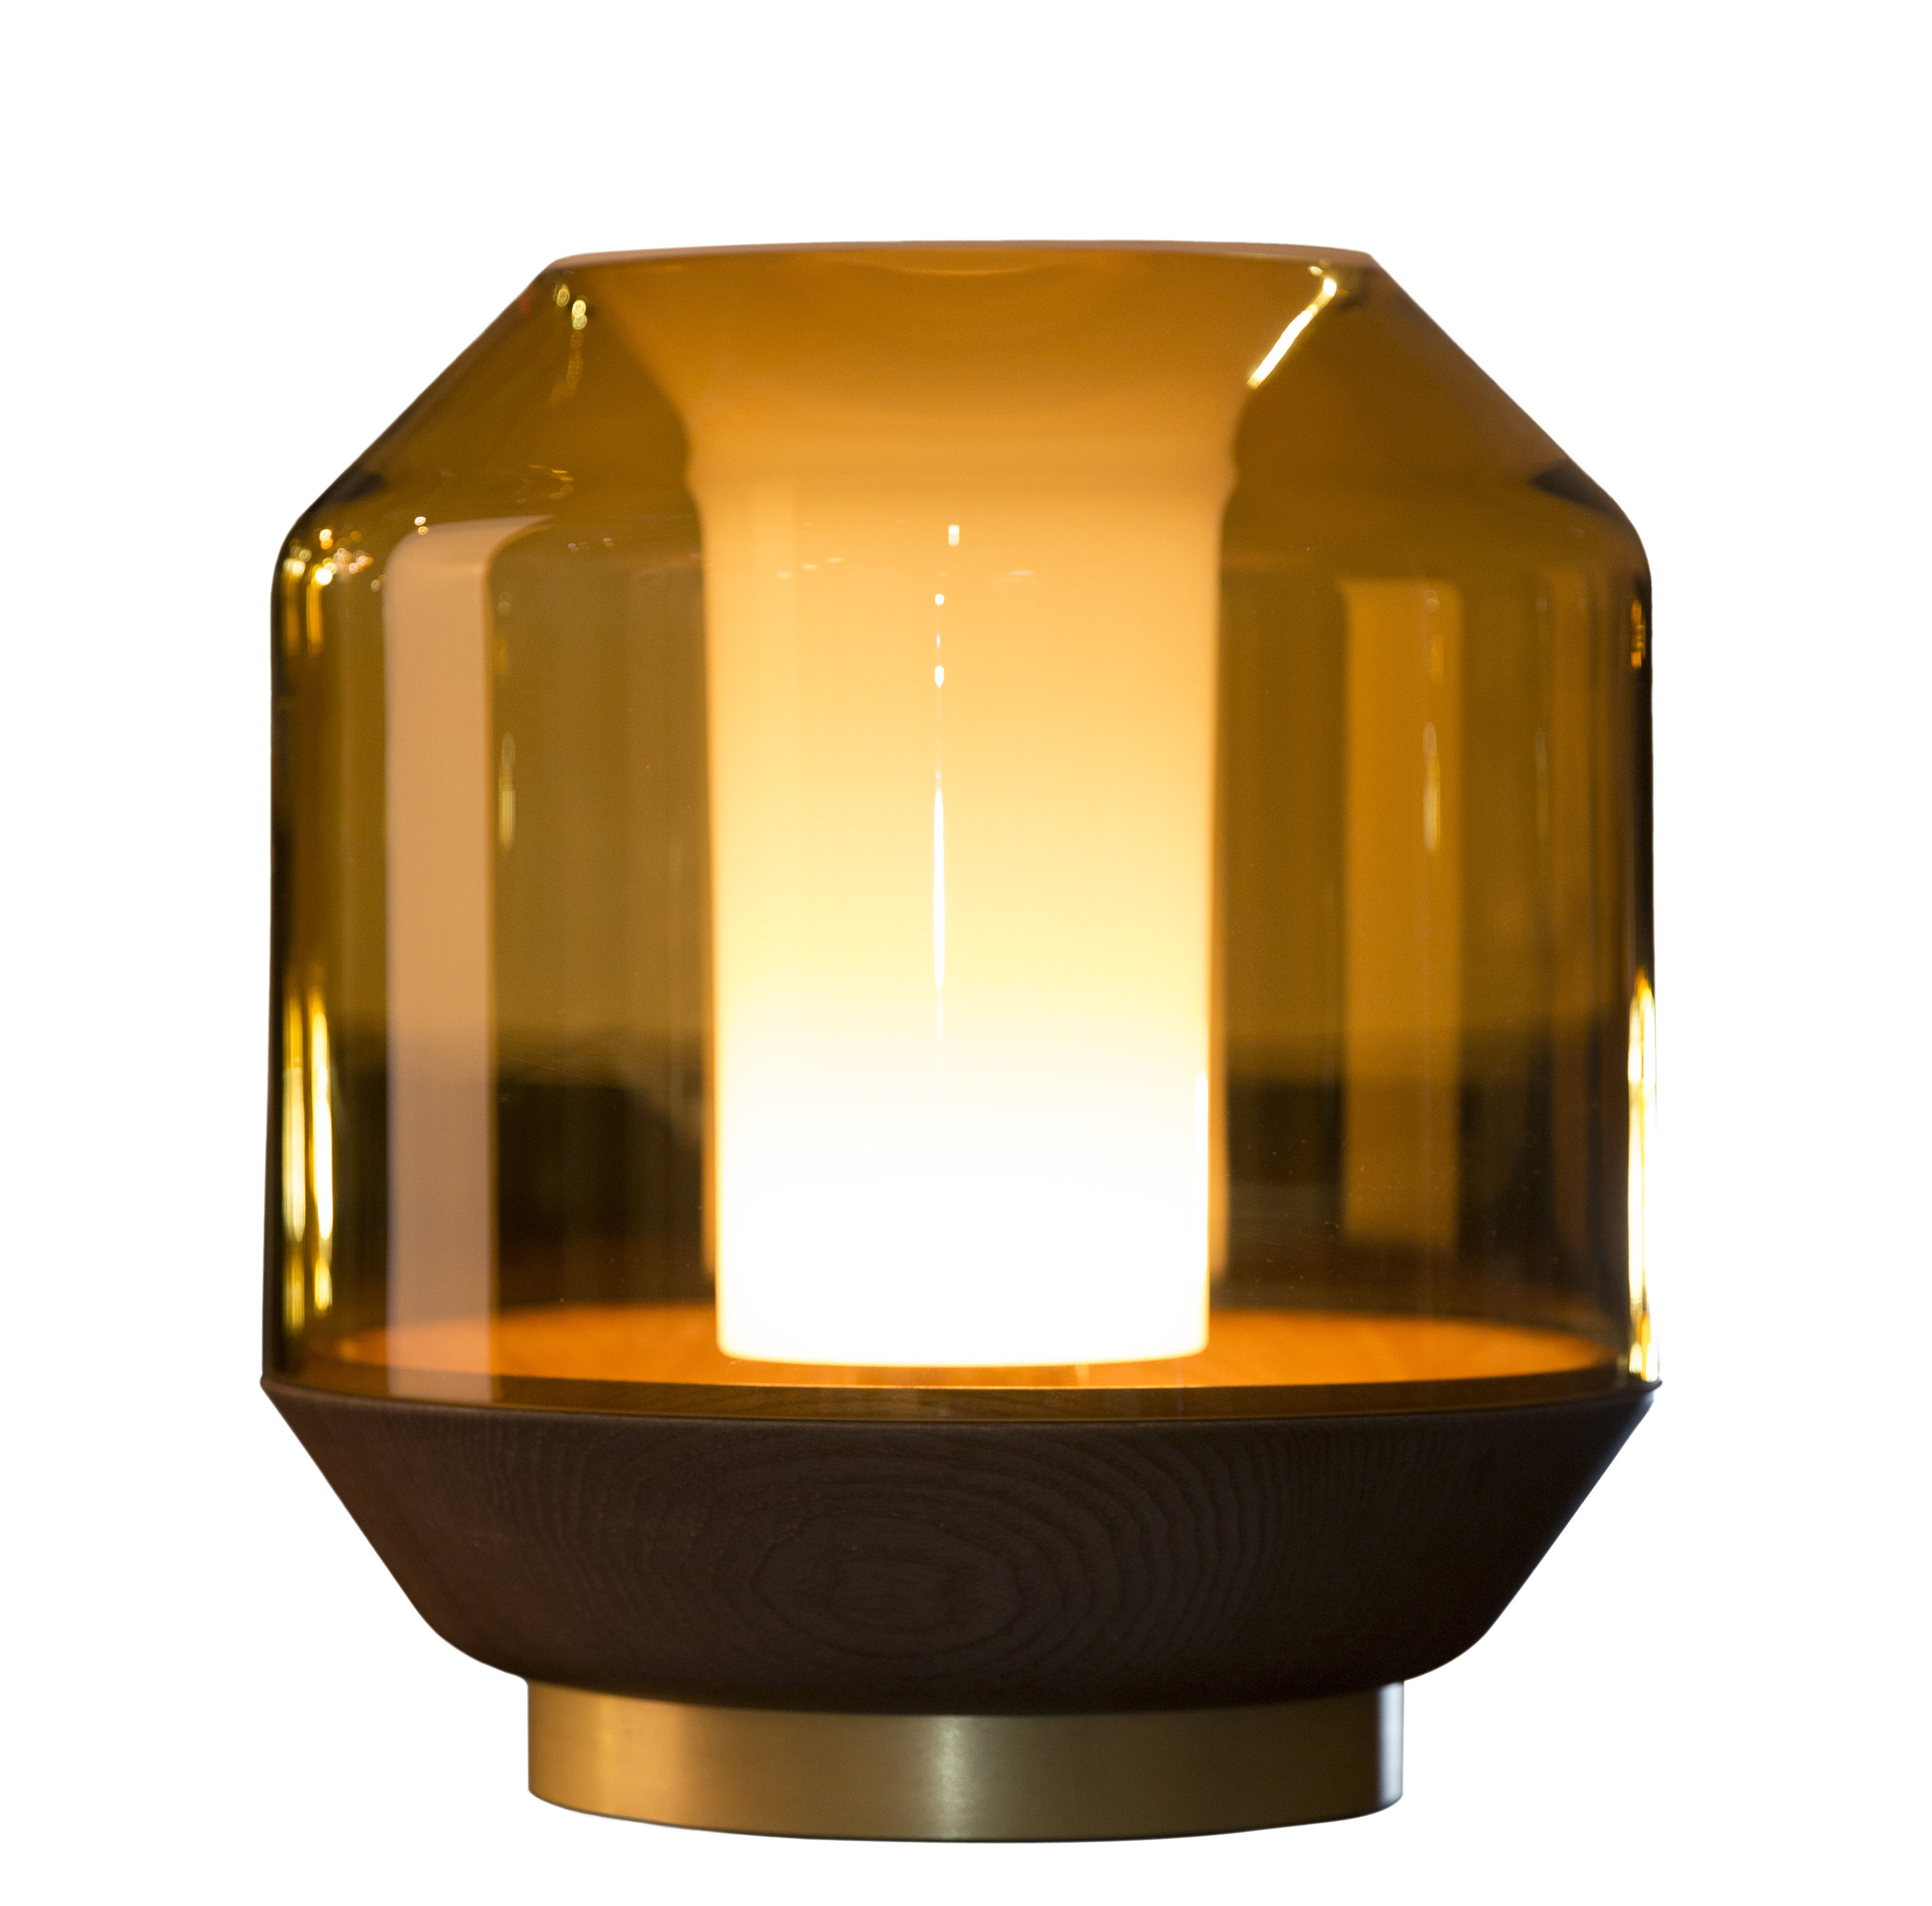 Luminaire - Lampes de table - Lampe de table Lateralis - Innermost - Miel / Bois & laiton - Aluminium finition laiton, Frêne teinté, Verre soufflé